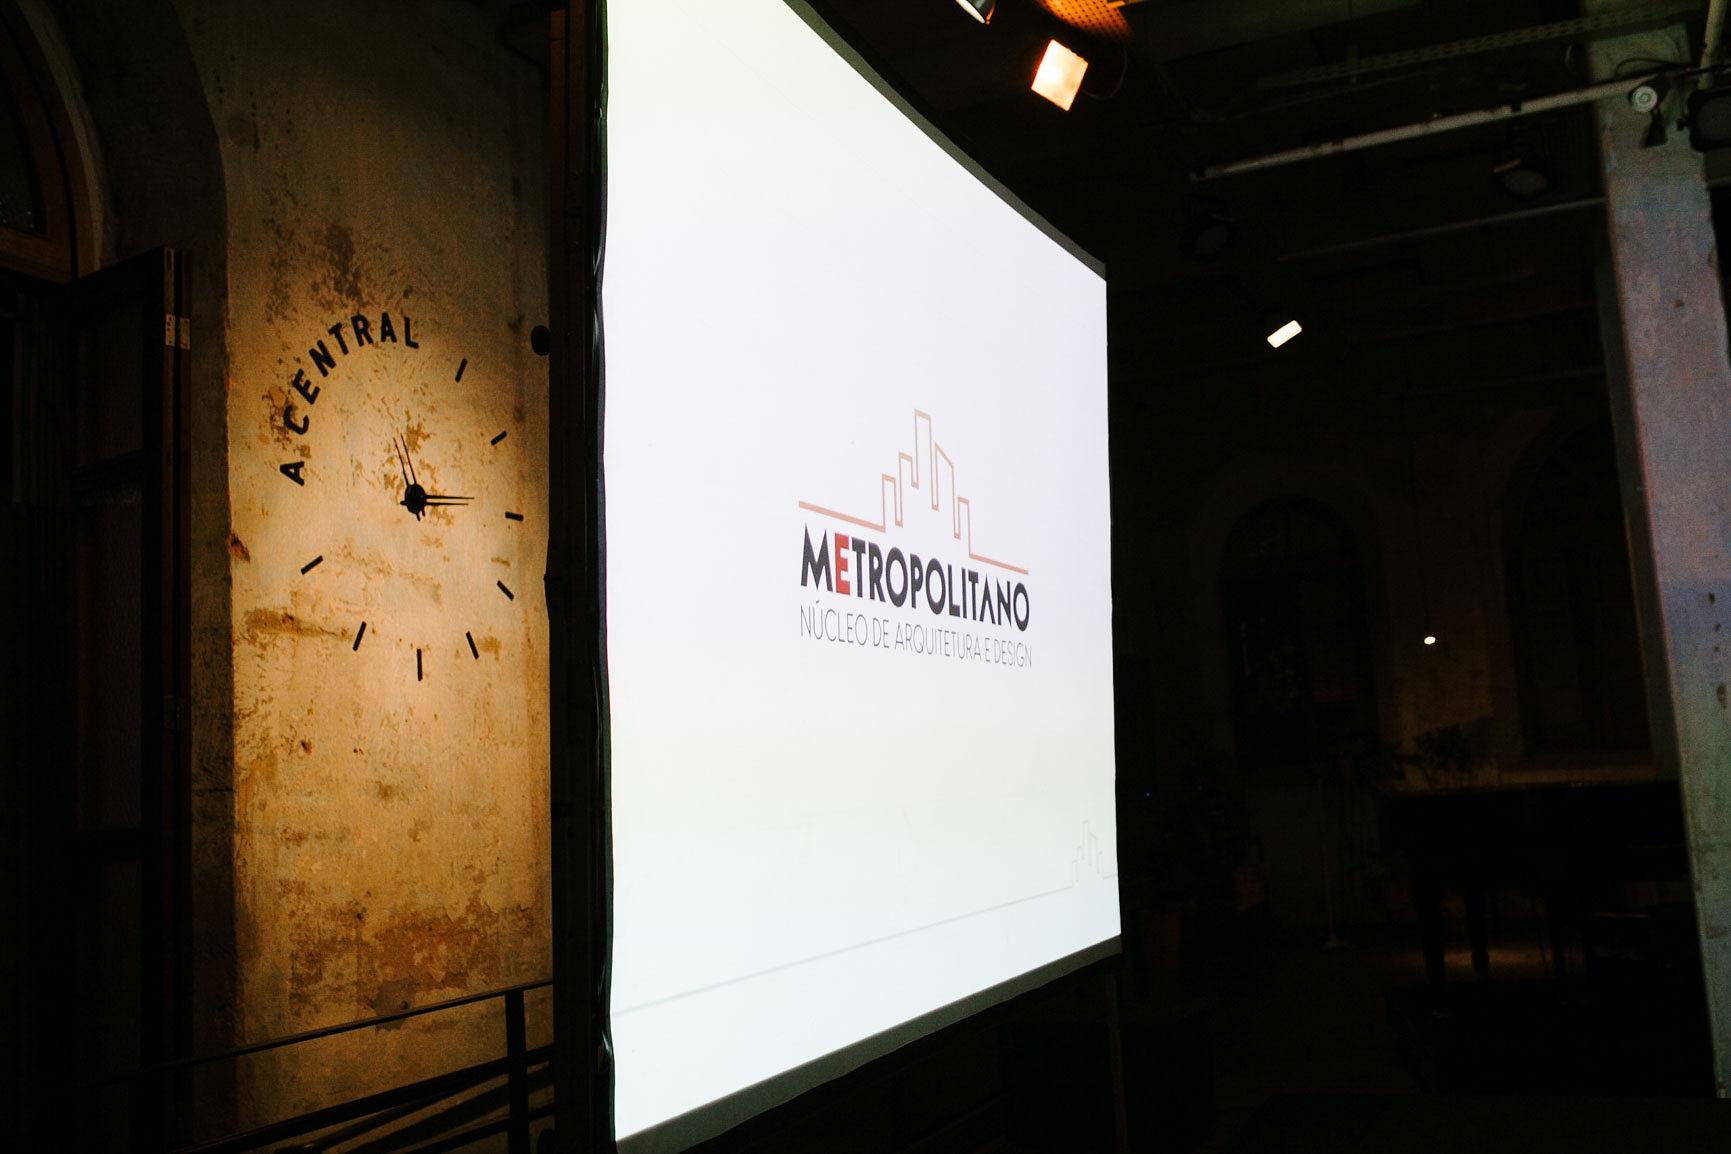 Metropolitano-321.jpg